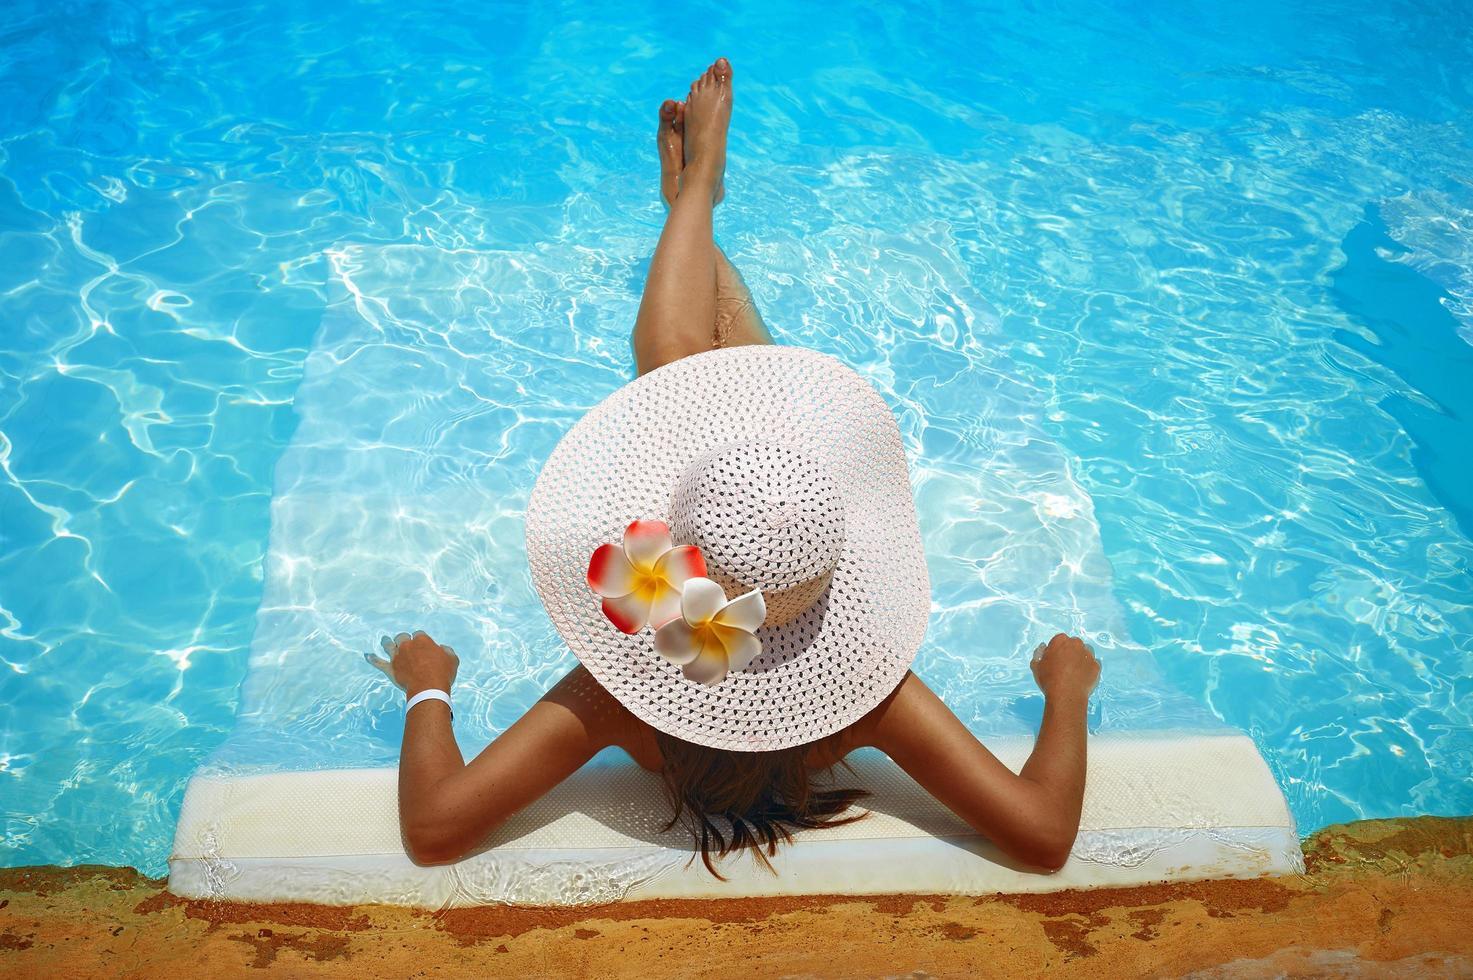 femme au chapeau blanc se prélasser dans la piscine photo